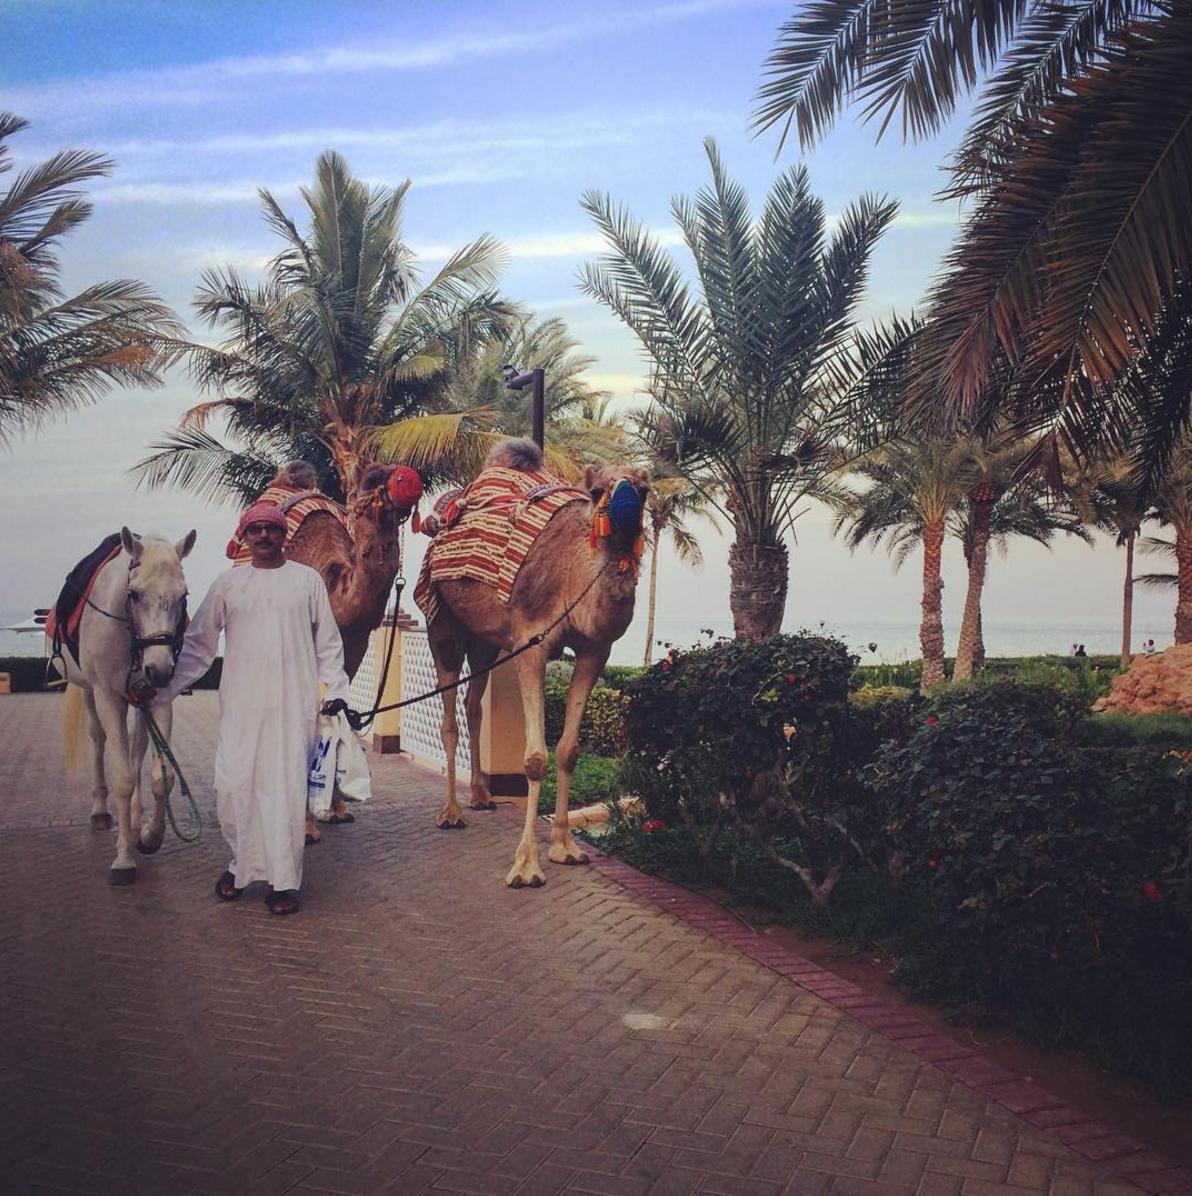 The camel wrangler retires for the day